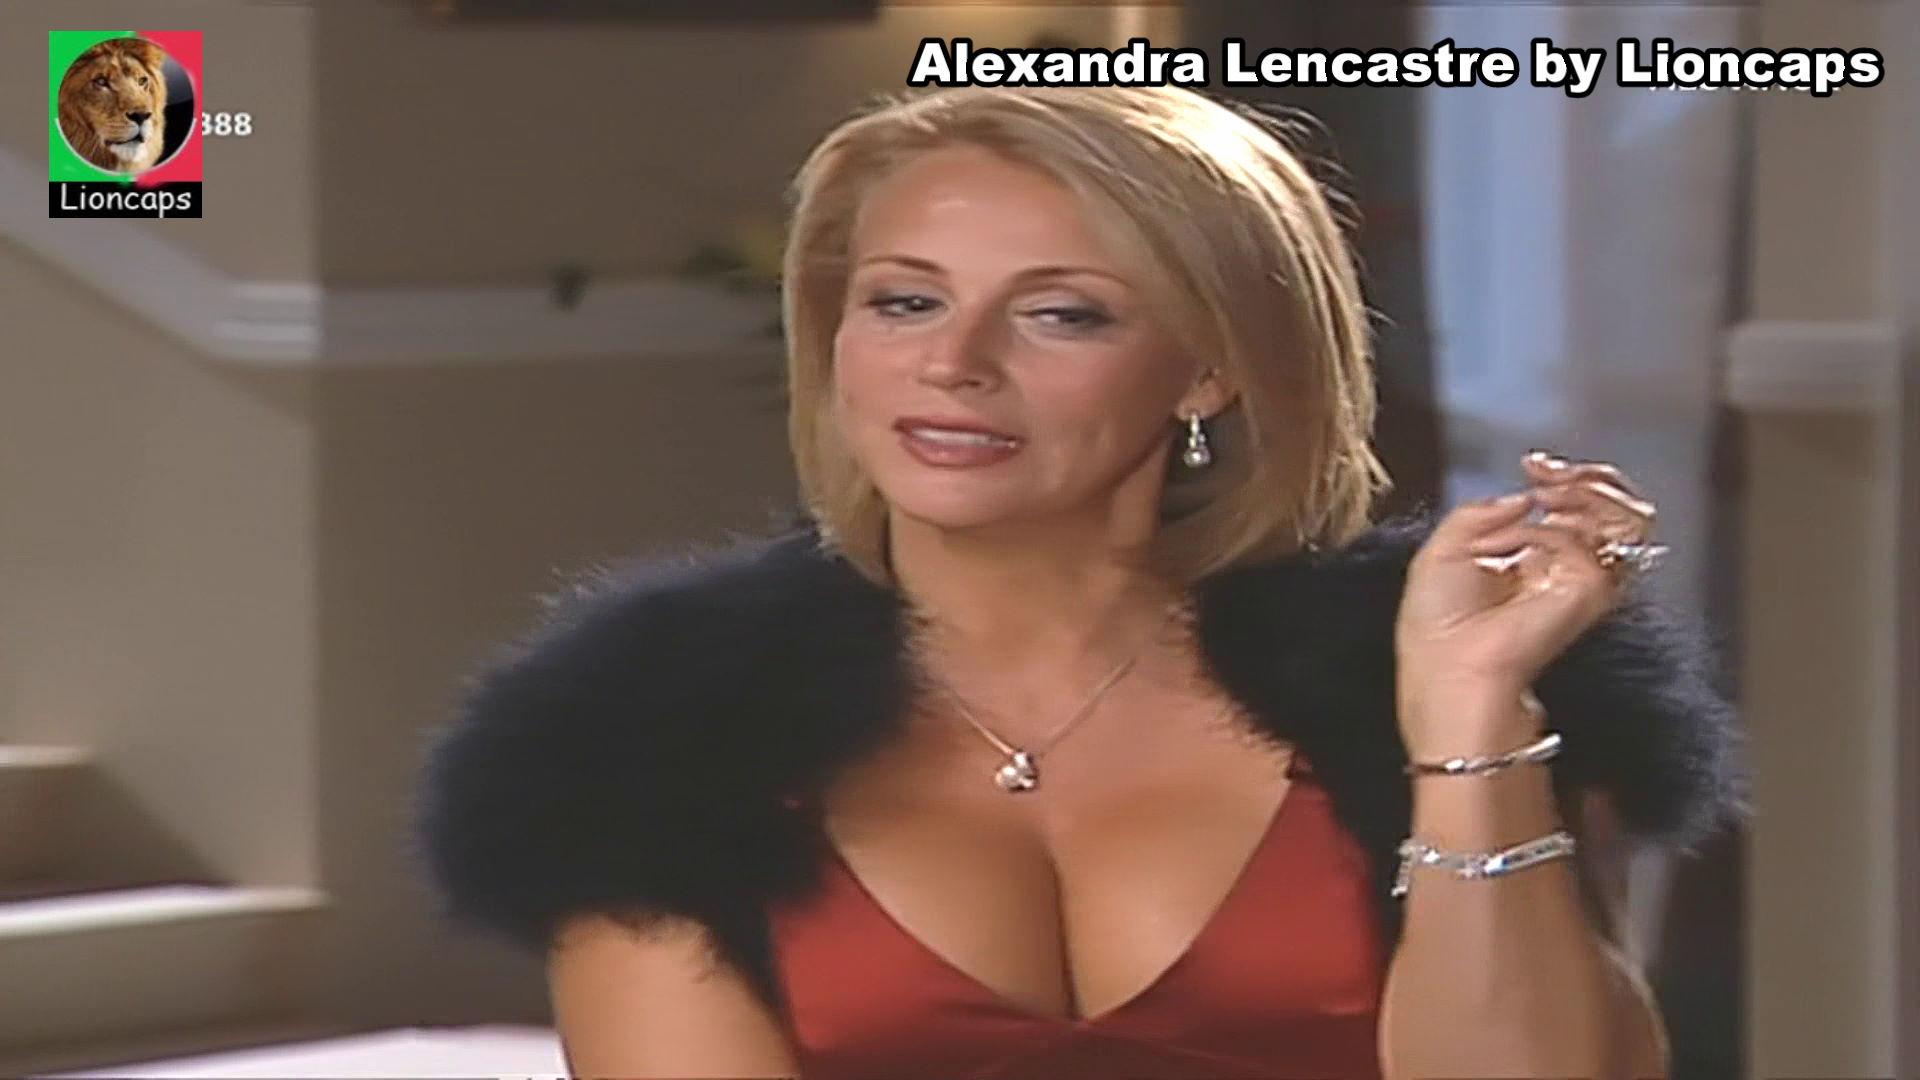 378990876_alexandra_lencastre_meu_amor_vs191110_00111_122_242lo.JPG